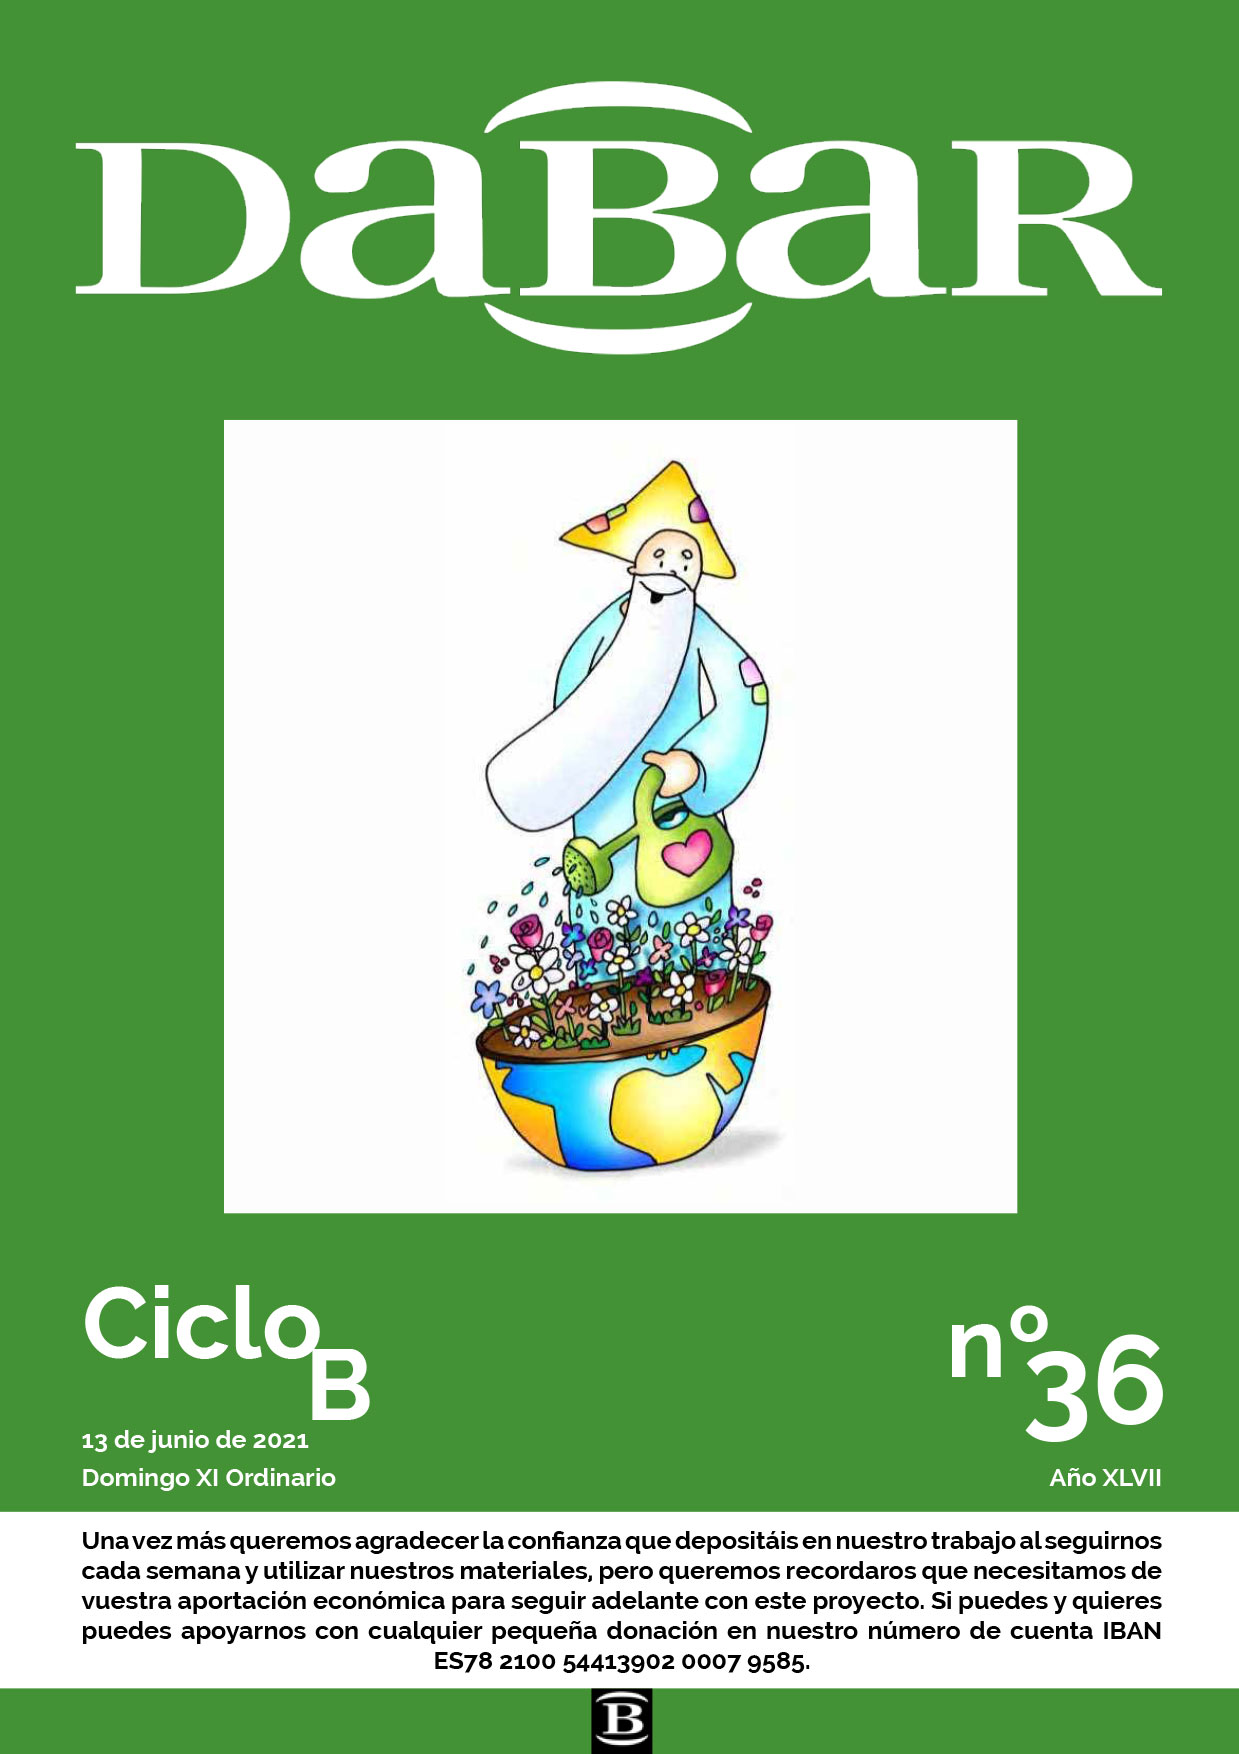 Dabar Revista numero 36 ciclo B